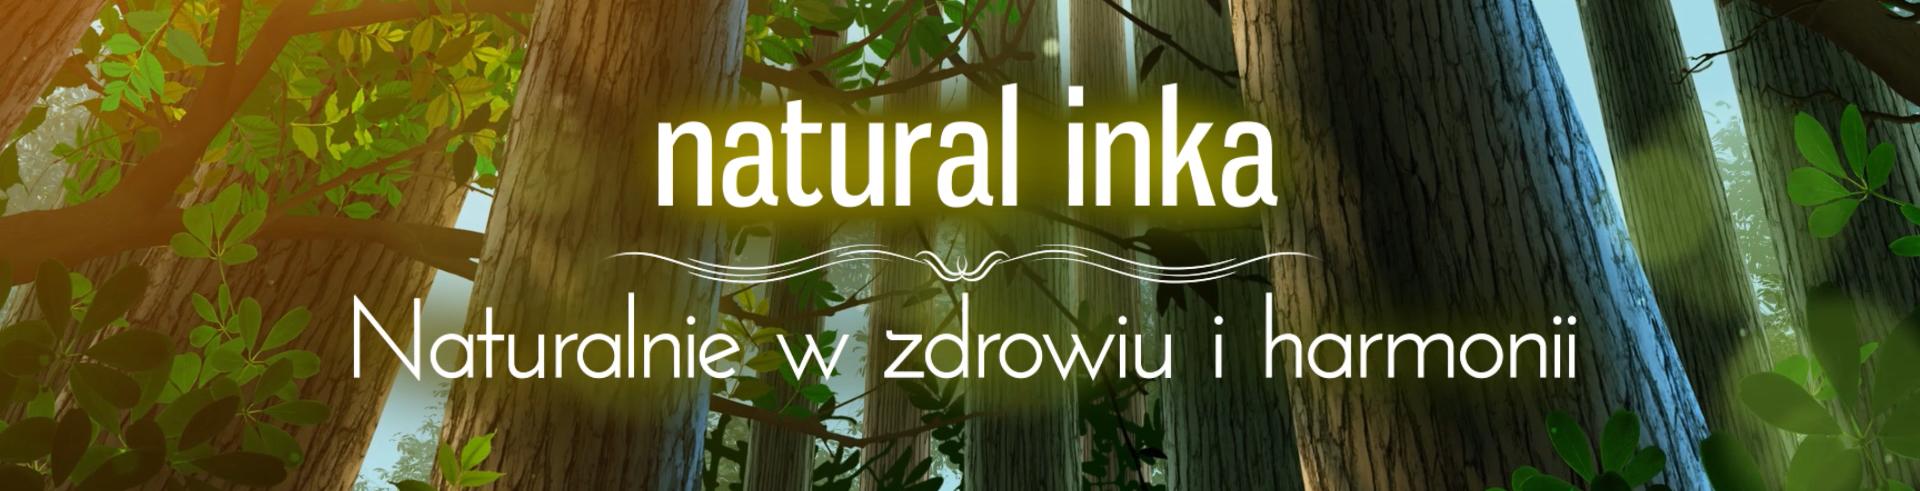 natural inka